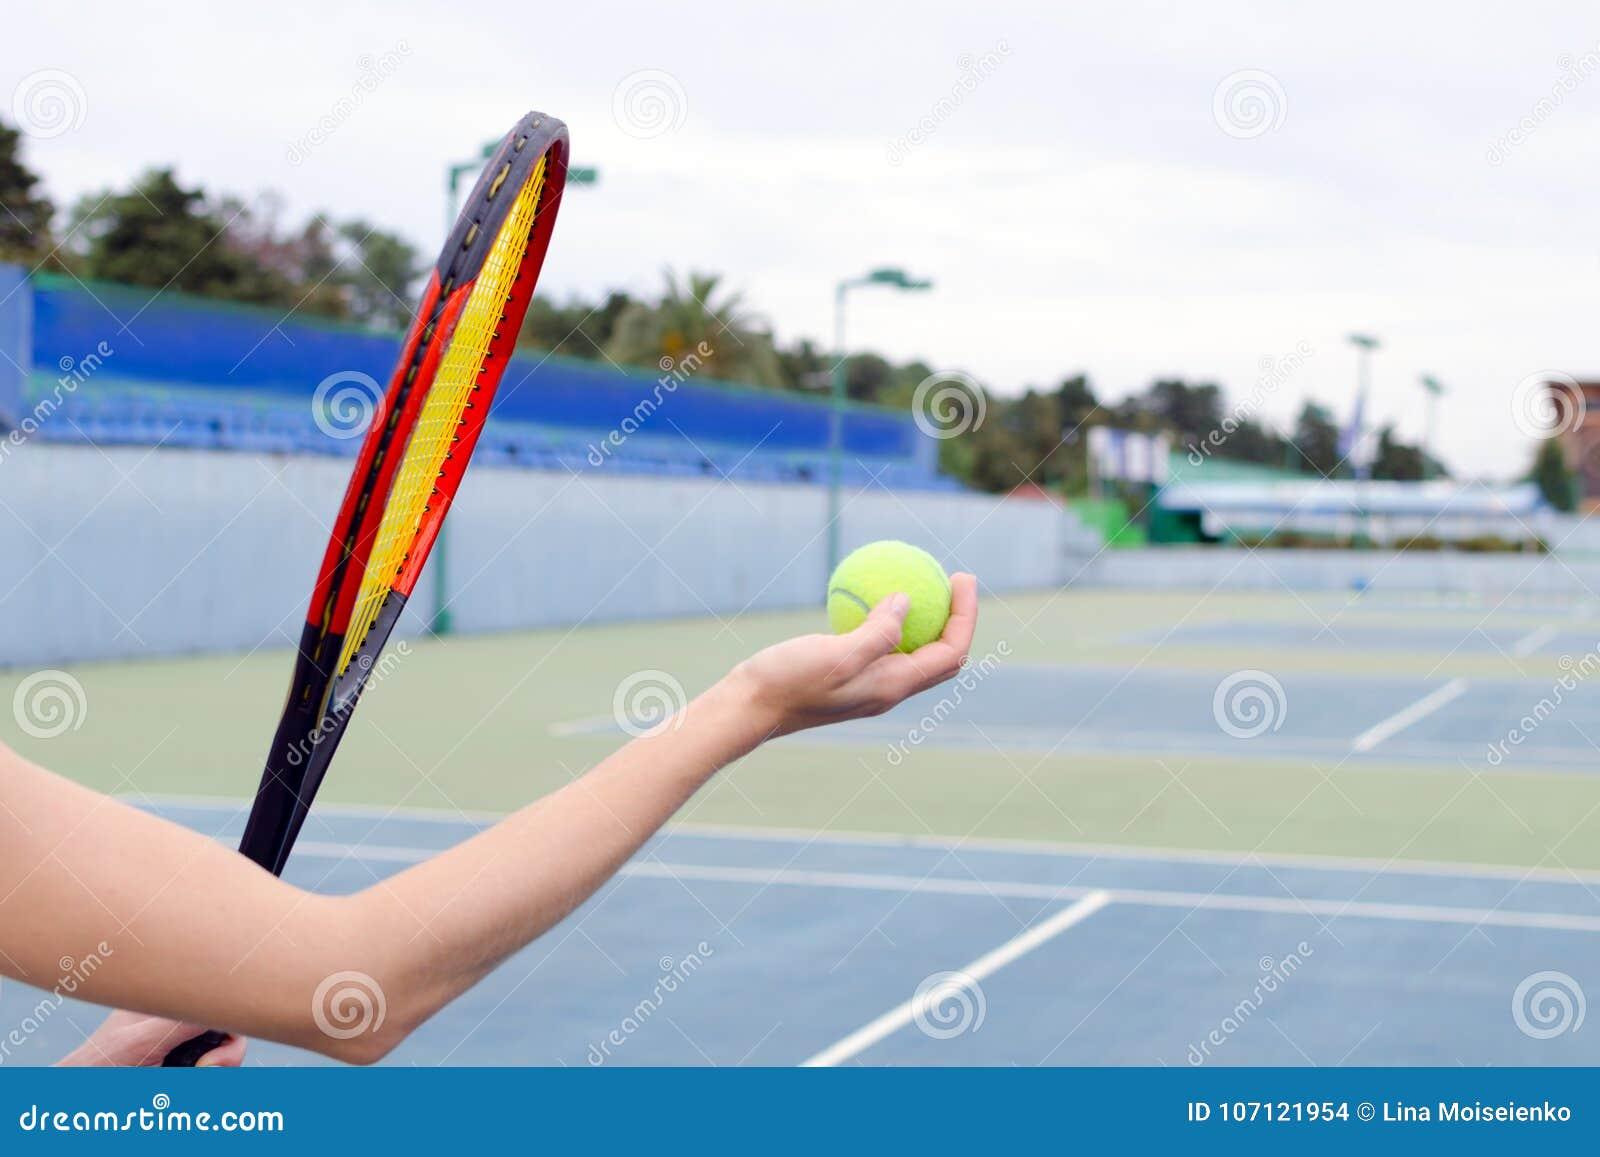 Концепция спорта и мероприятий на свежем воздухе Игра с большим теннисом - рукой с шариком и ракеткой